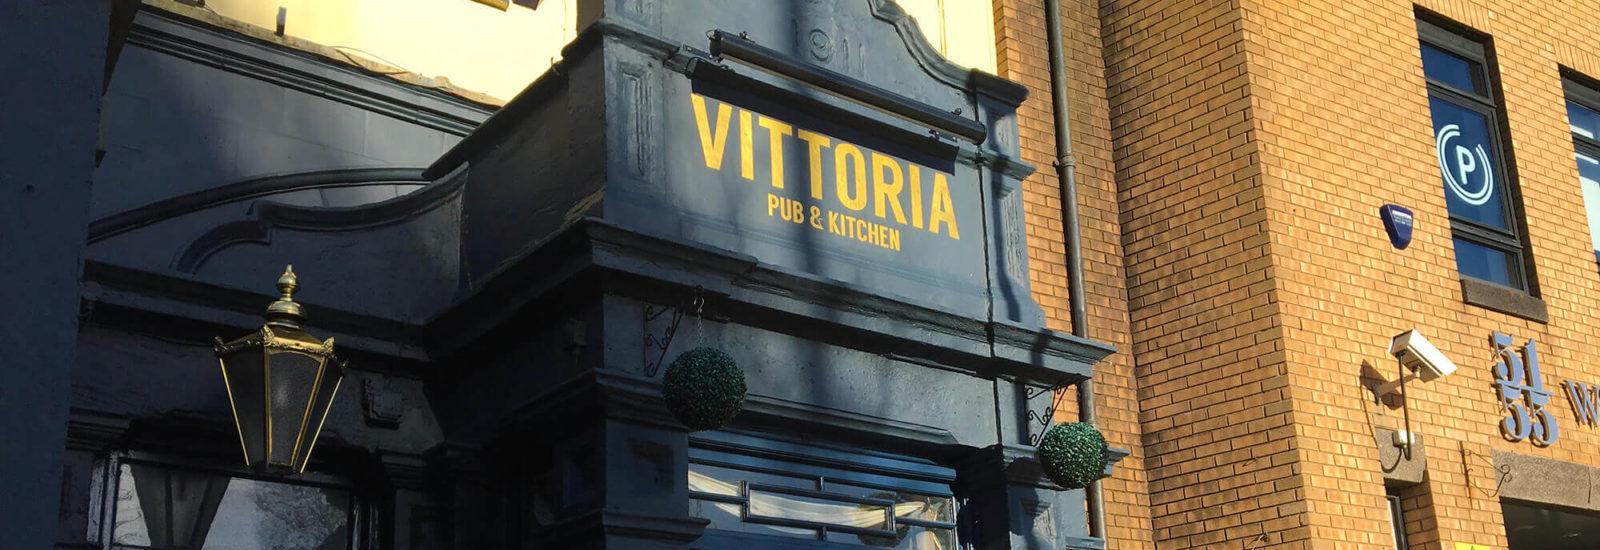 Image of The Vittoria